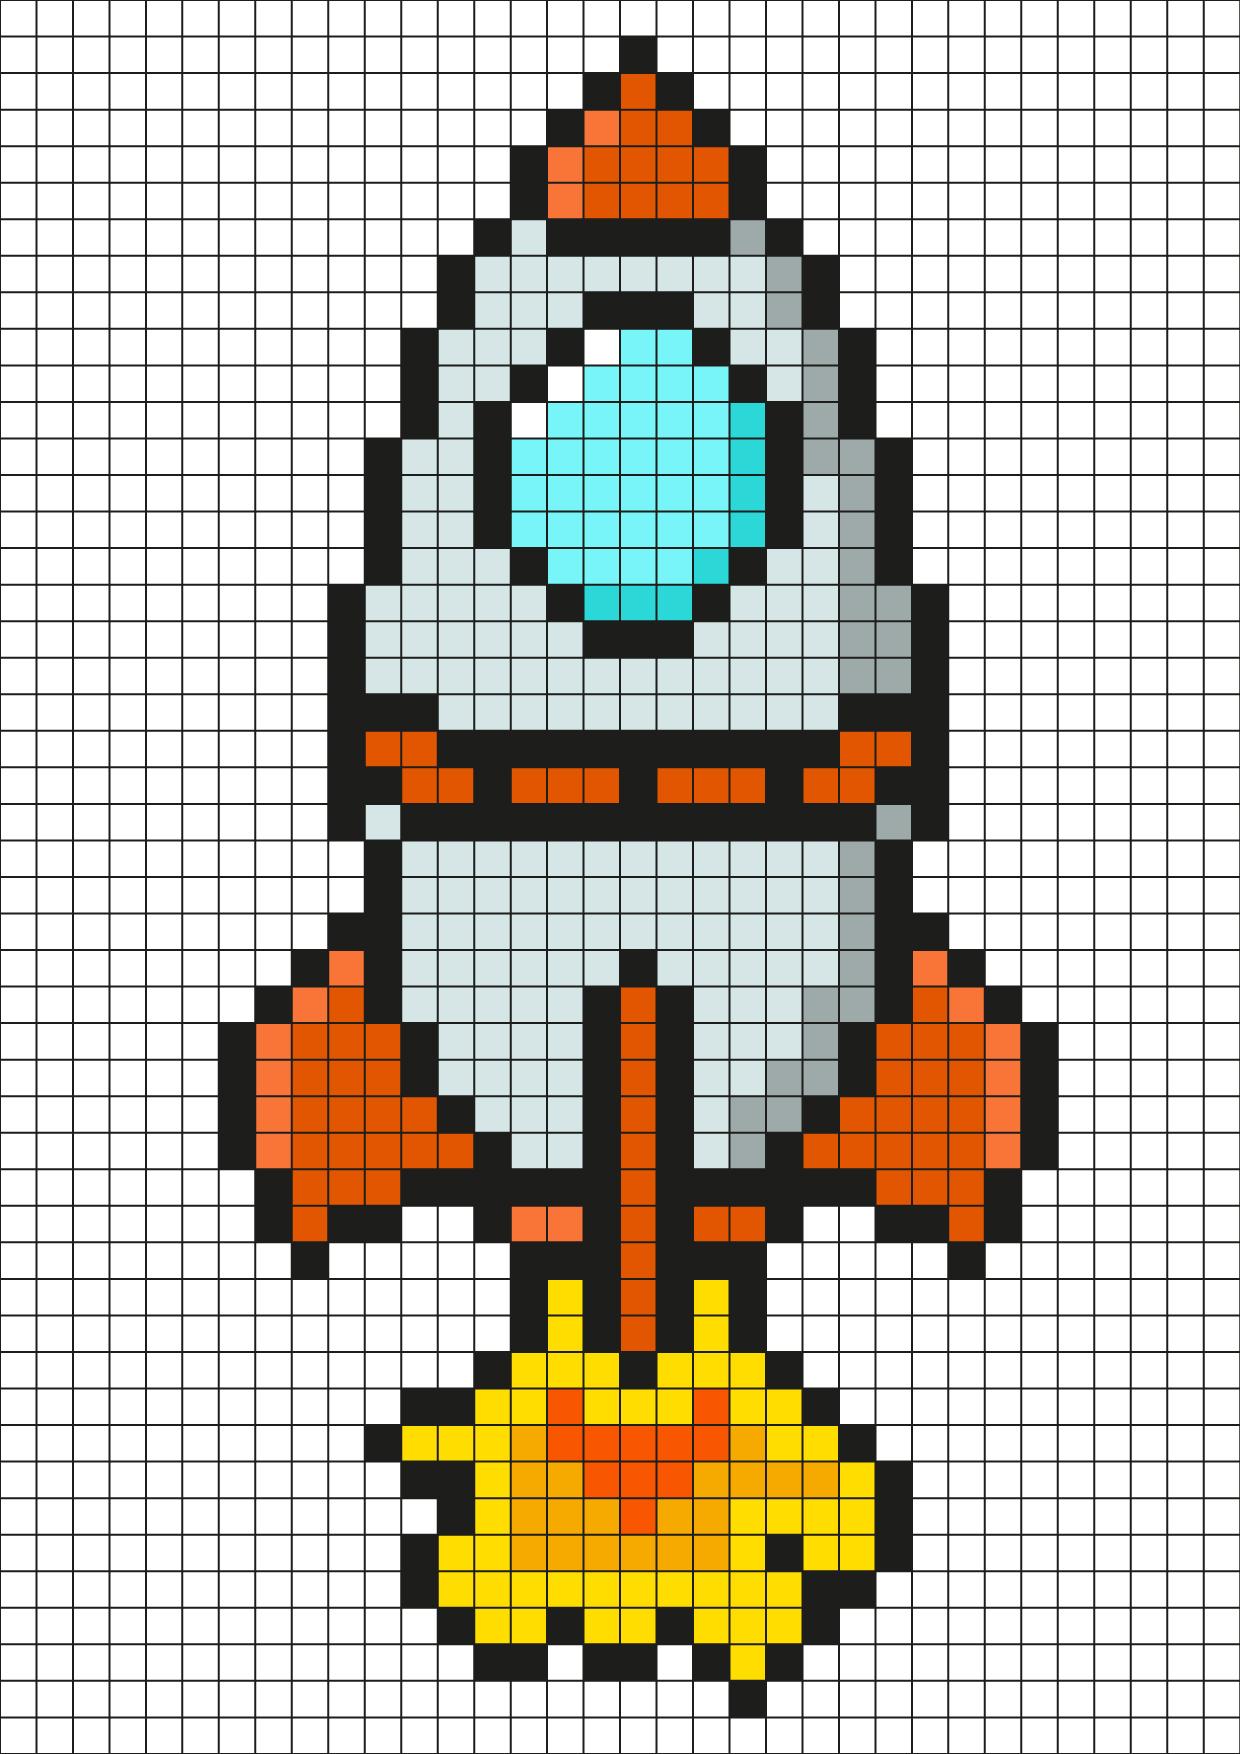 Pixel Art Fusée Par Tête À Modeler à Jeu De Coloriage Pixel